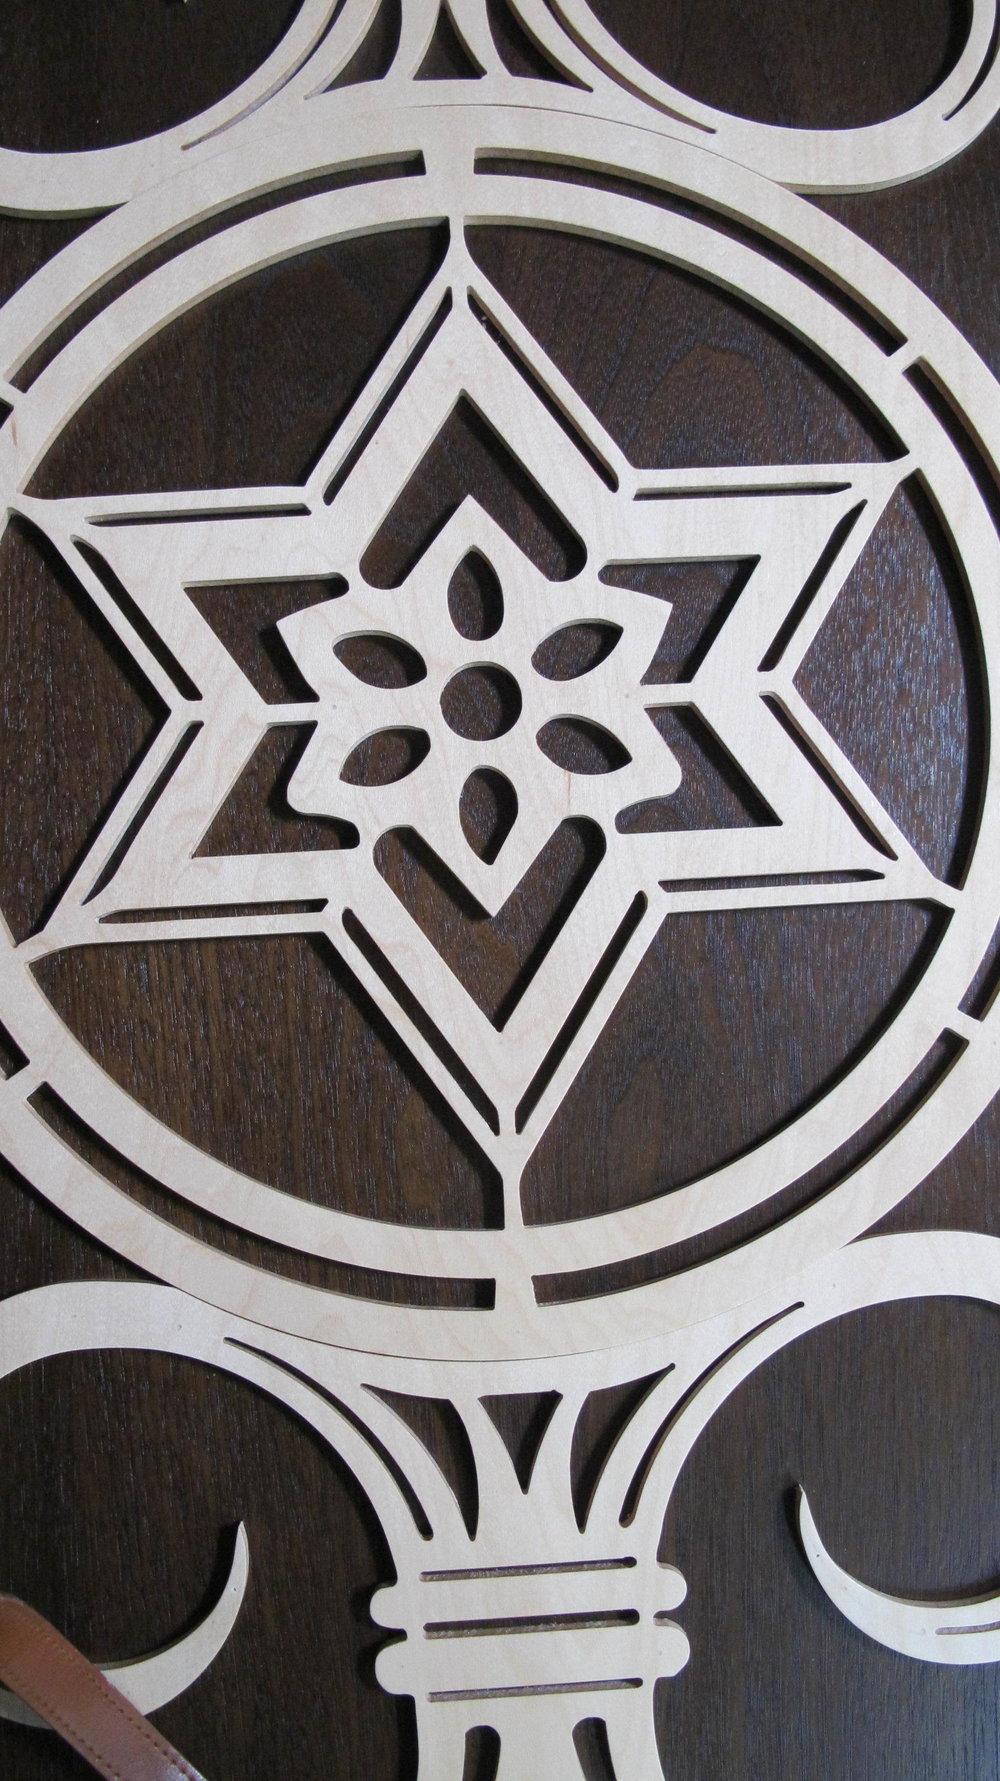 Pattern on Portable Ark doors